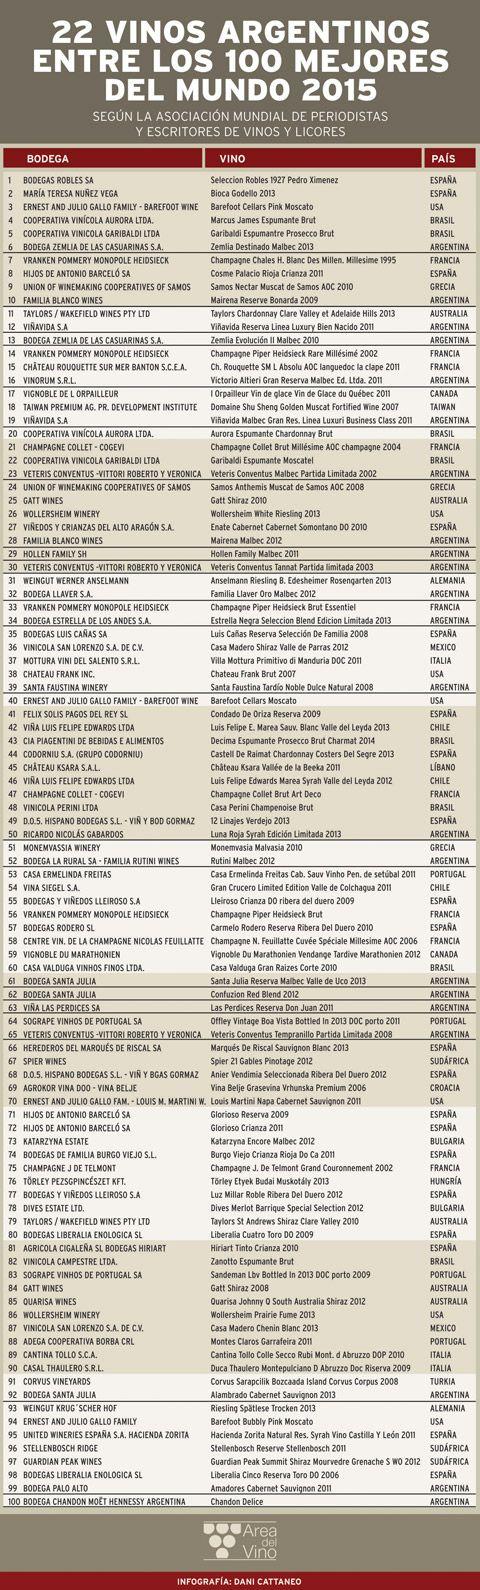 22 vinos y 11 Bodegas de Argentinas en el Top 100 del mundo - Area del Vino